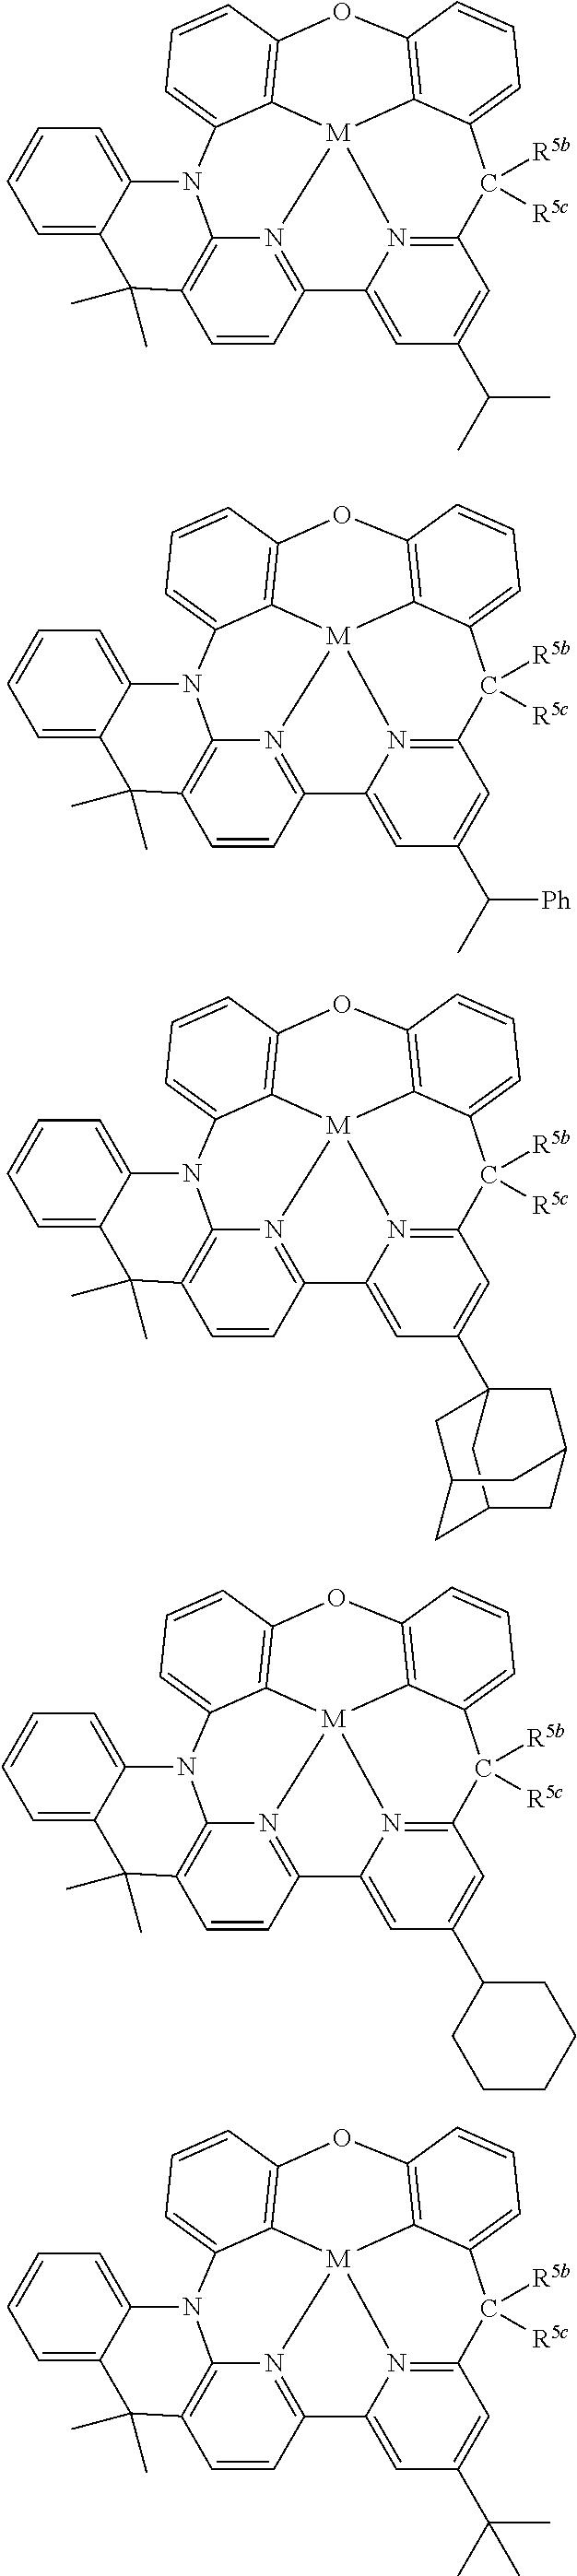 Figure US10158091-20181218-C00158